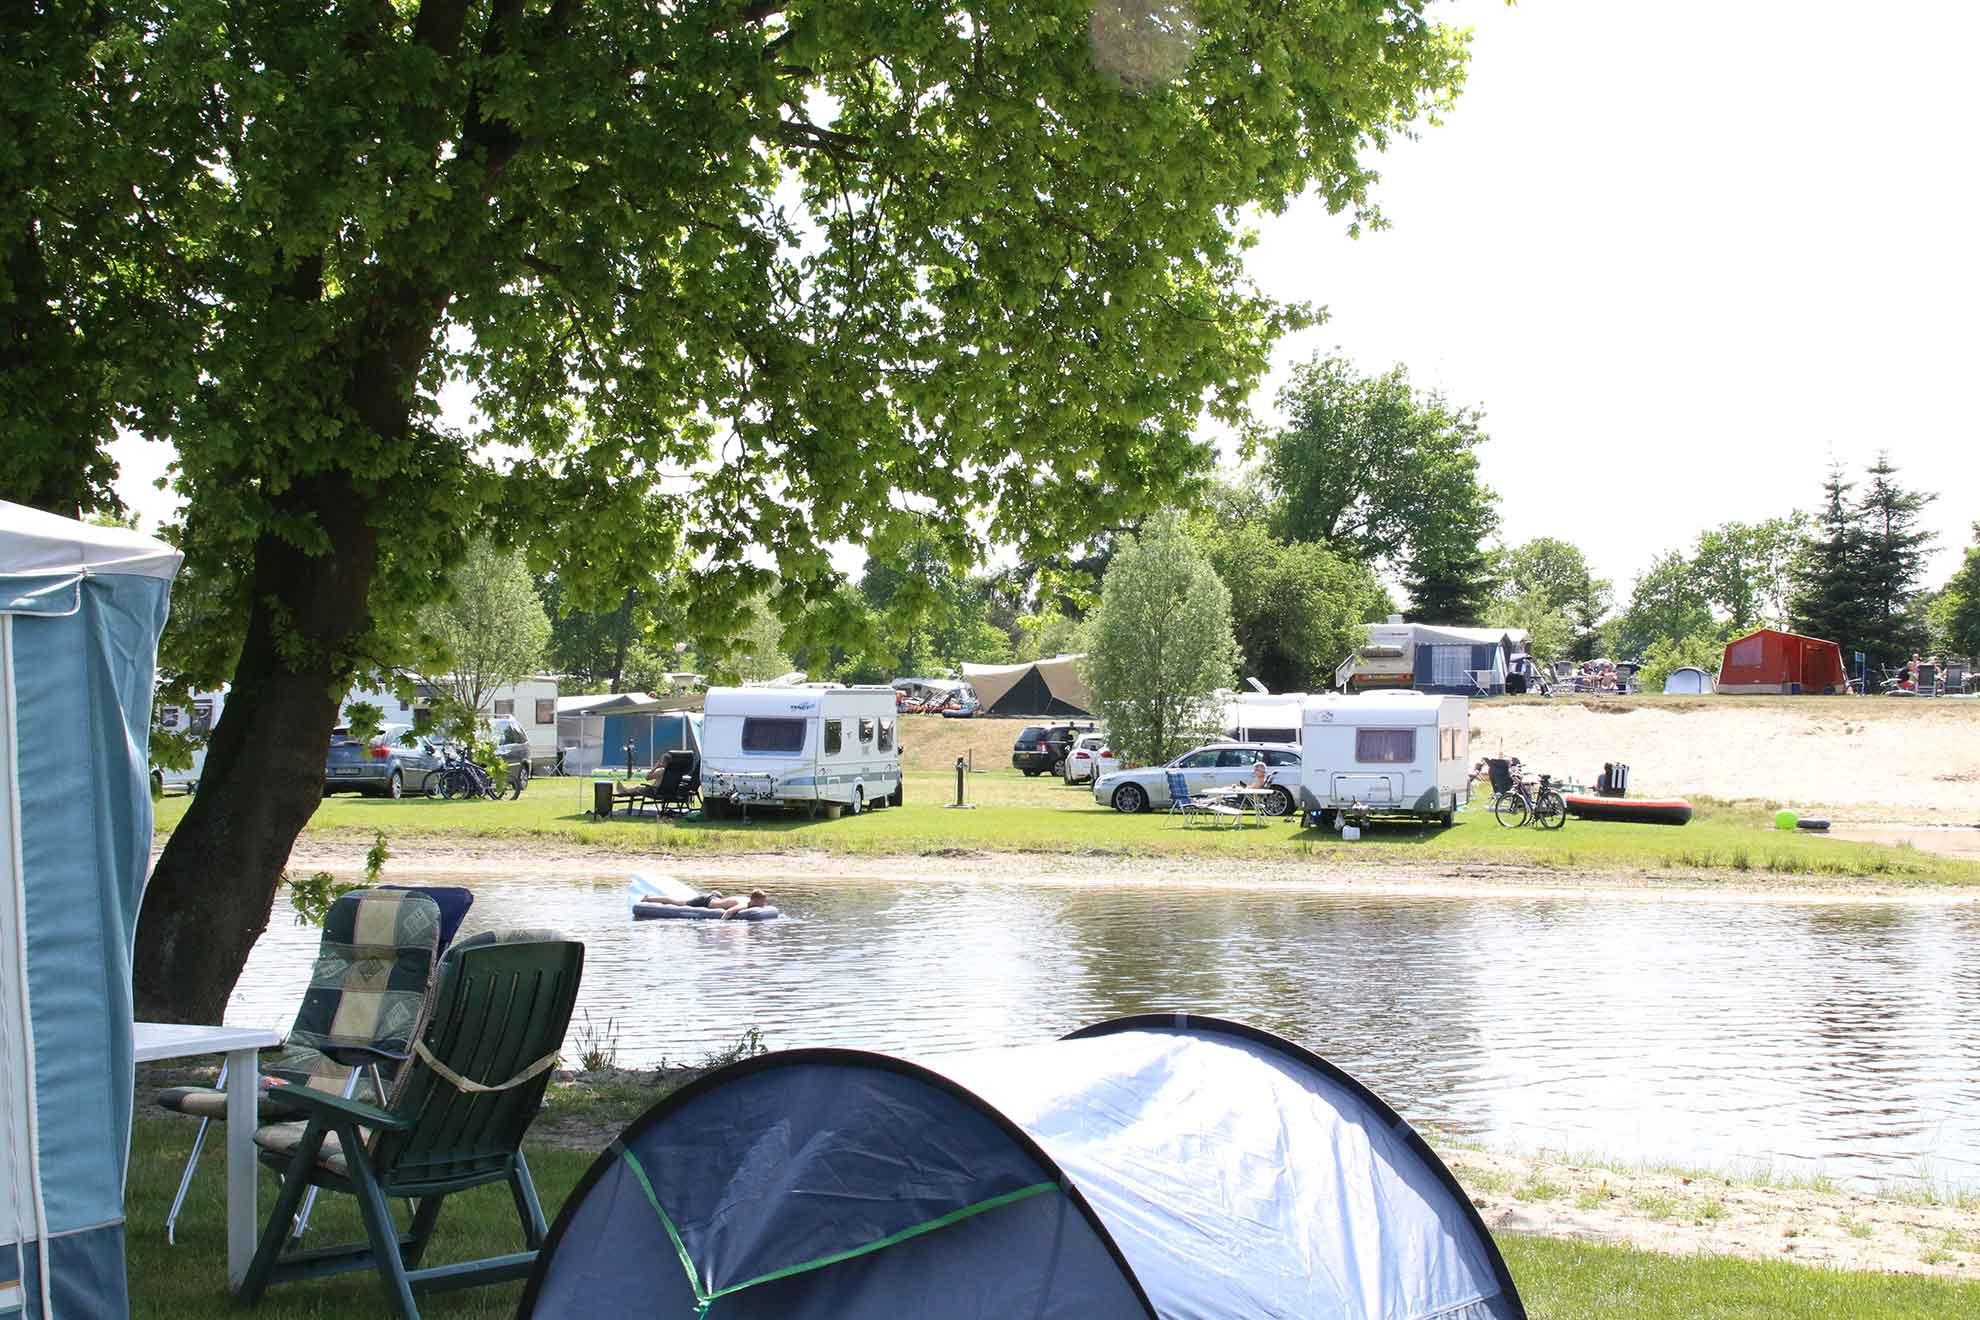 Campingplatz Overijssel 5-Sterne Einrichtungen - Campingplatz in Overijssel